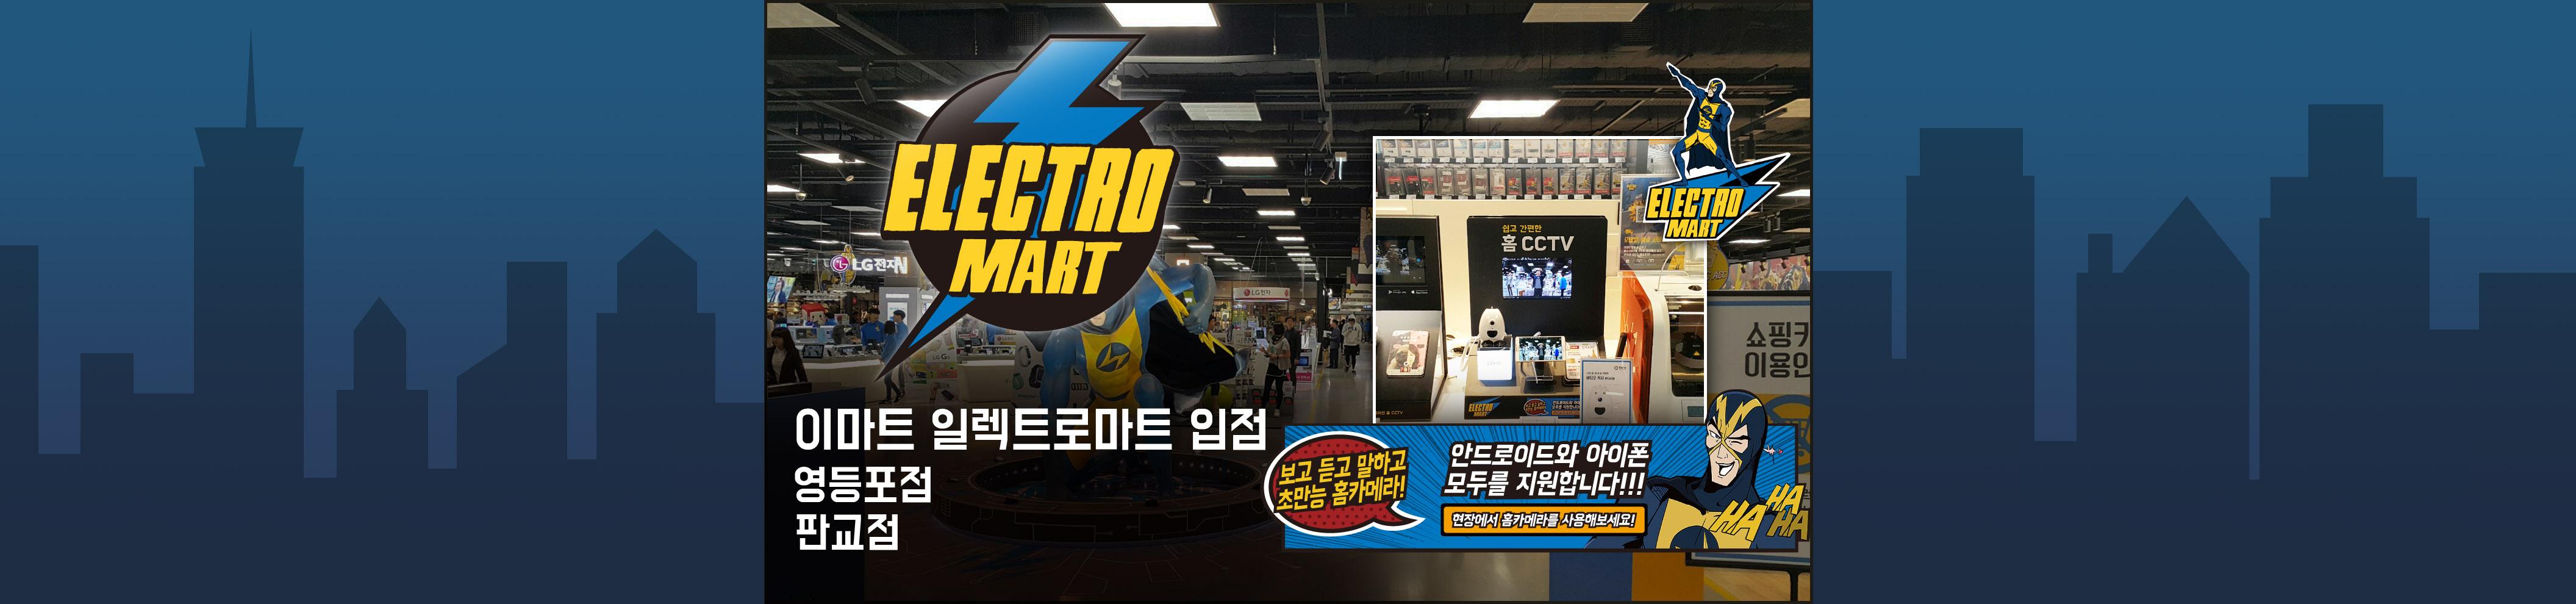 korea_background_image1